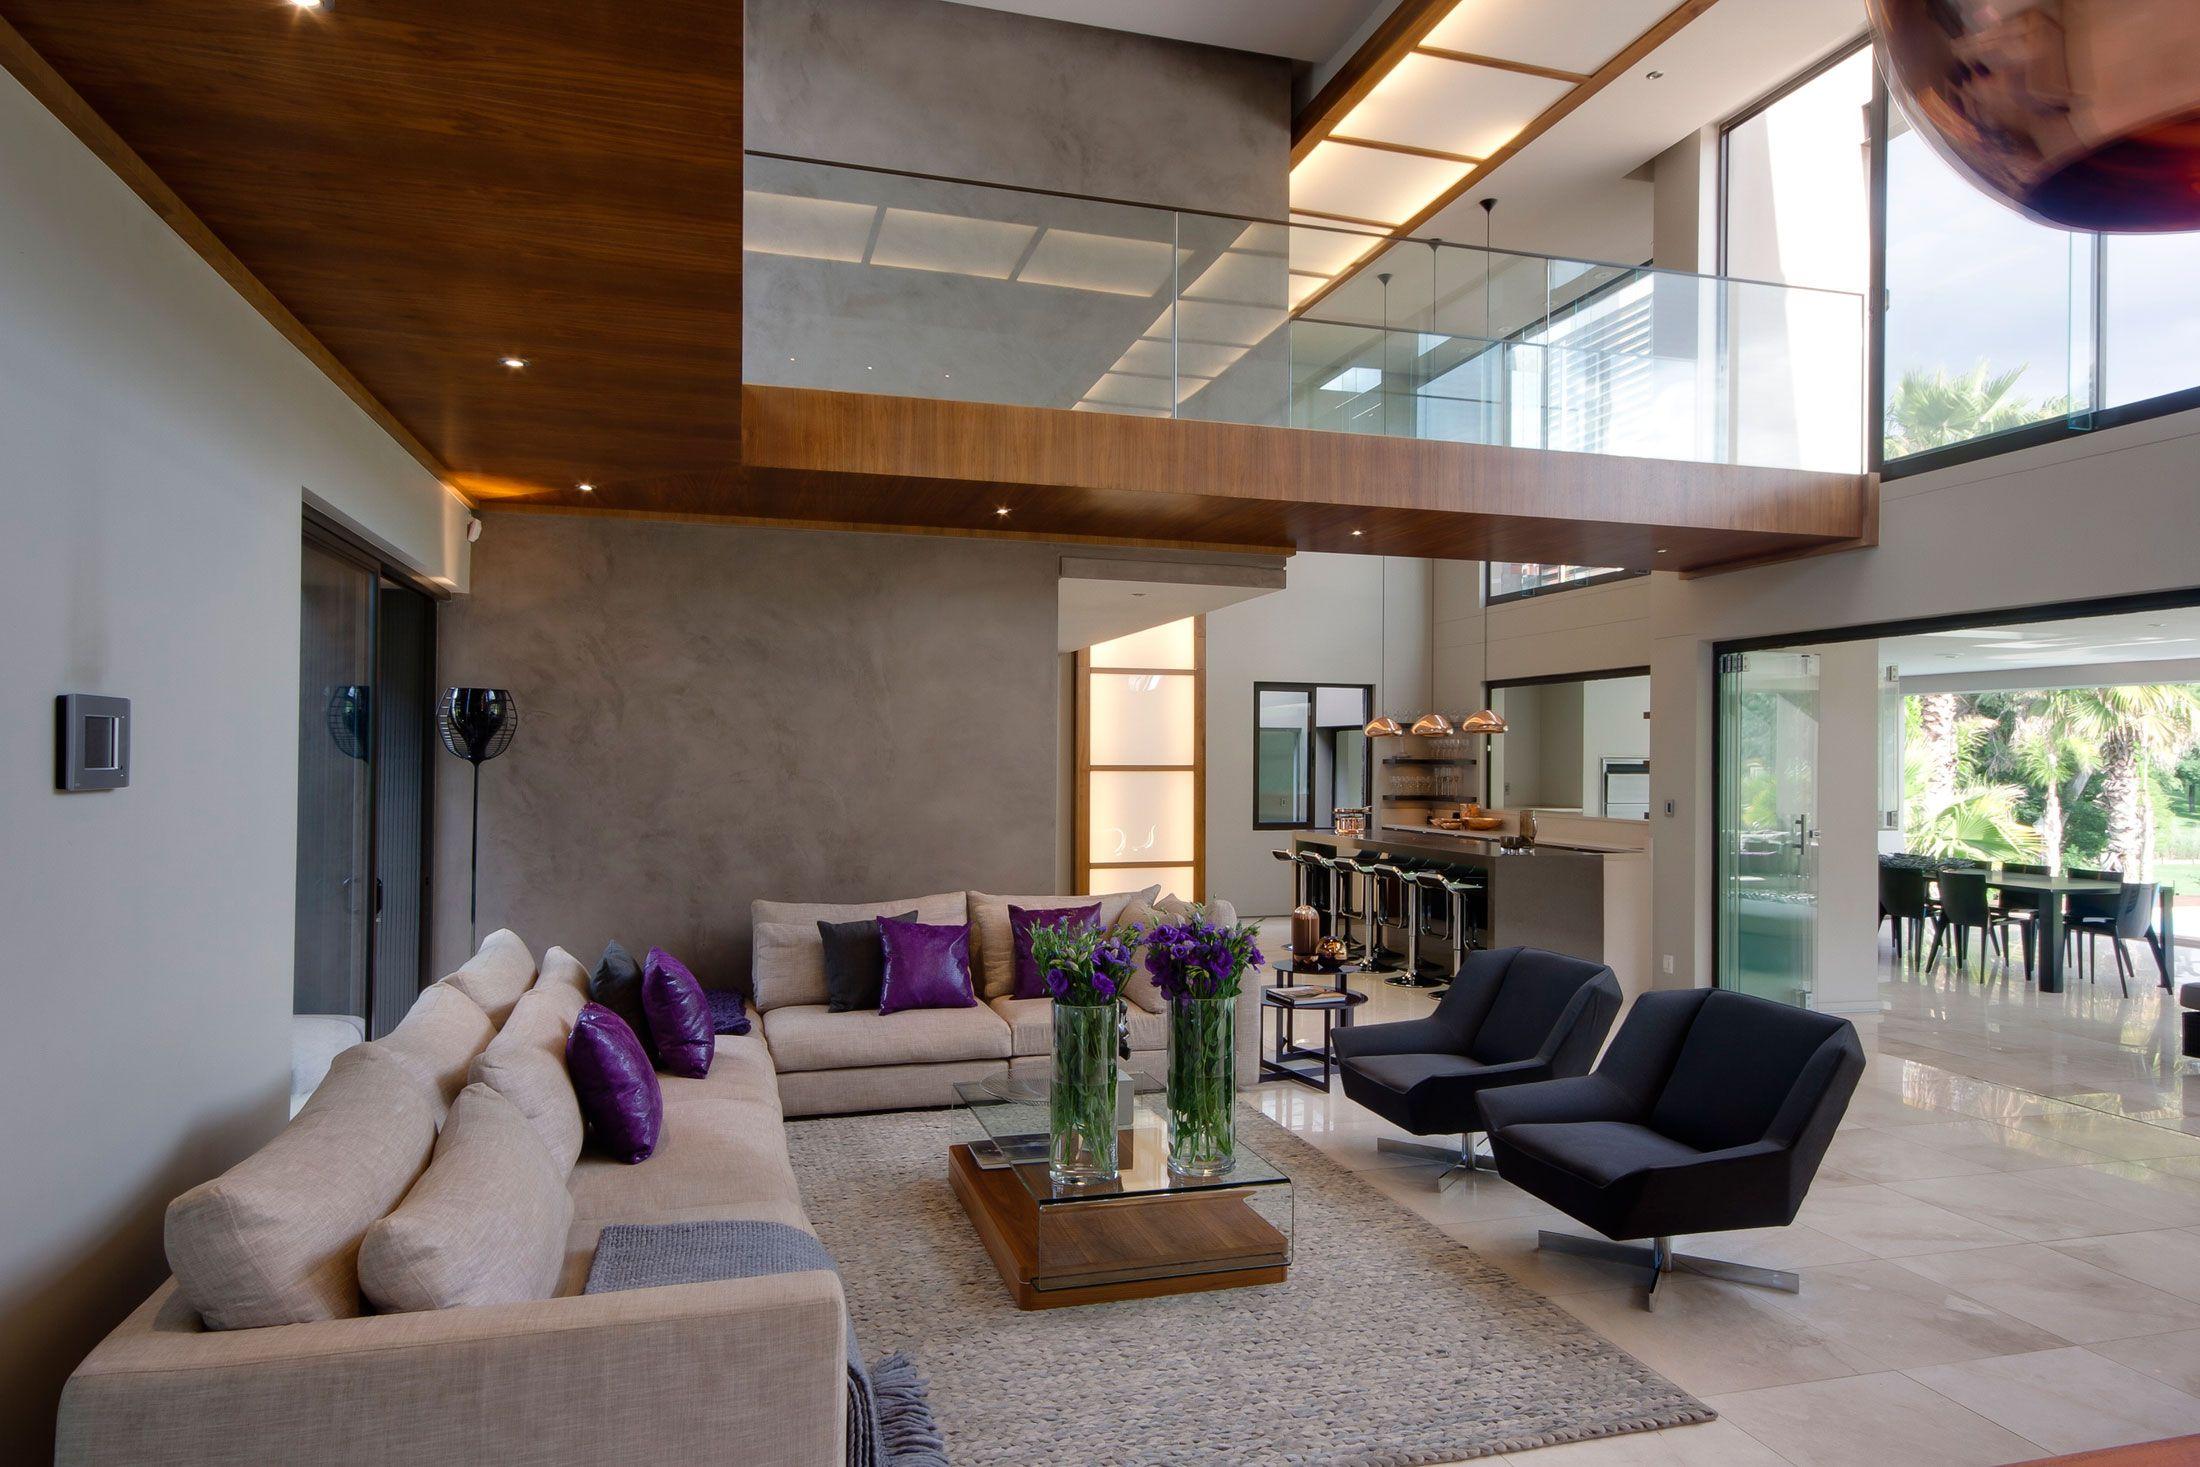 70 Moderne, Innovative Luxus Interieur Ideen Fürs Wohnzimmer   Lila Kissen  Bequem Sessel Wohn Essbereich